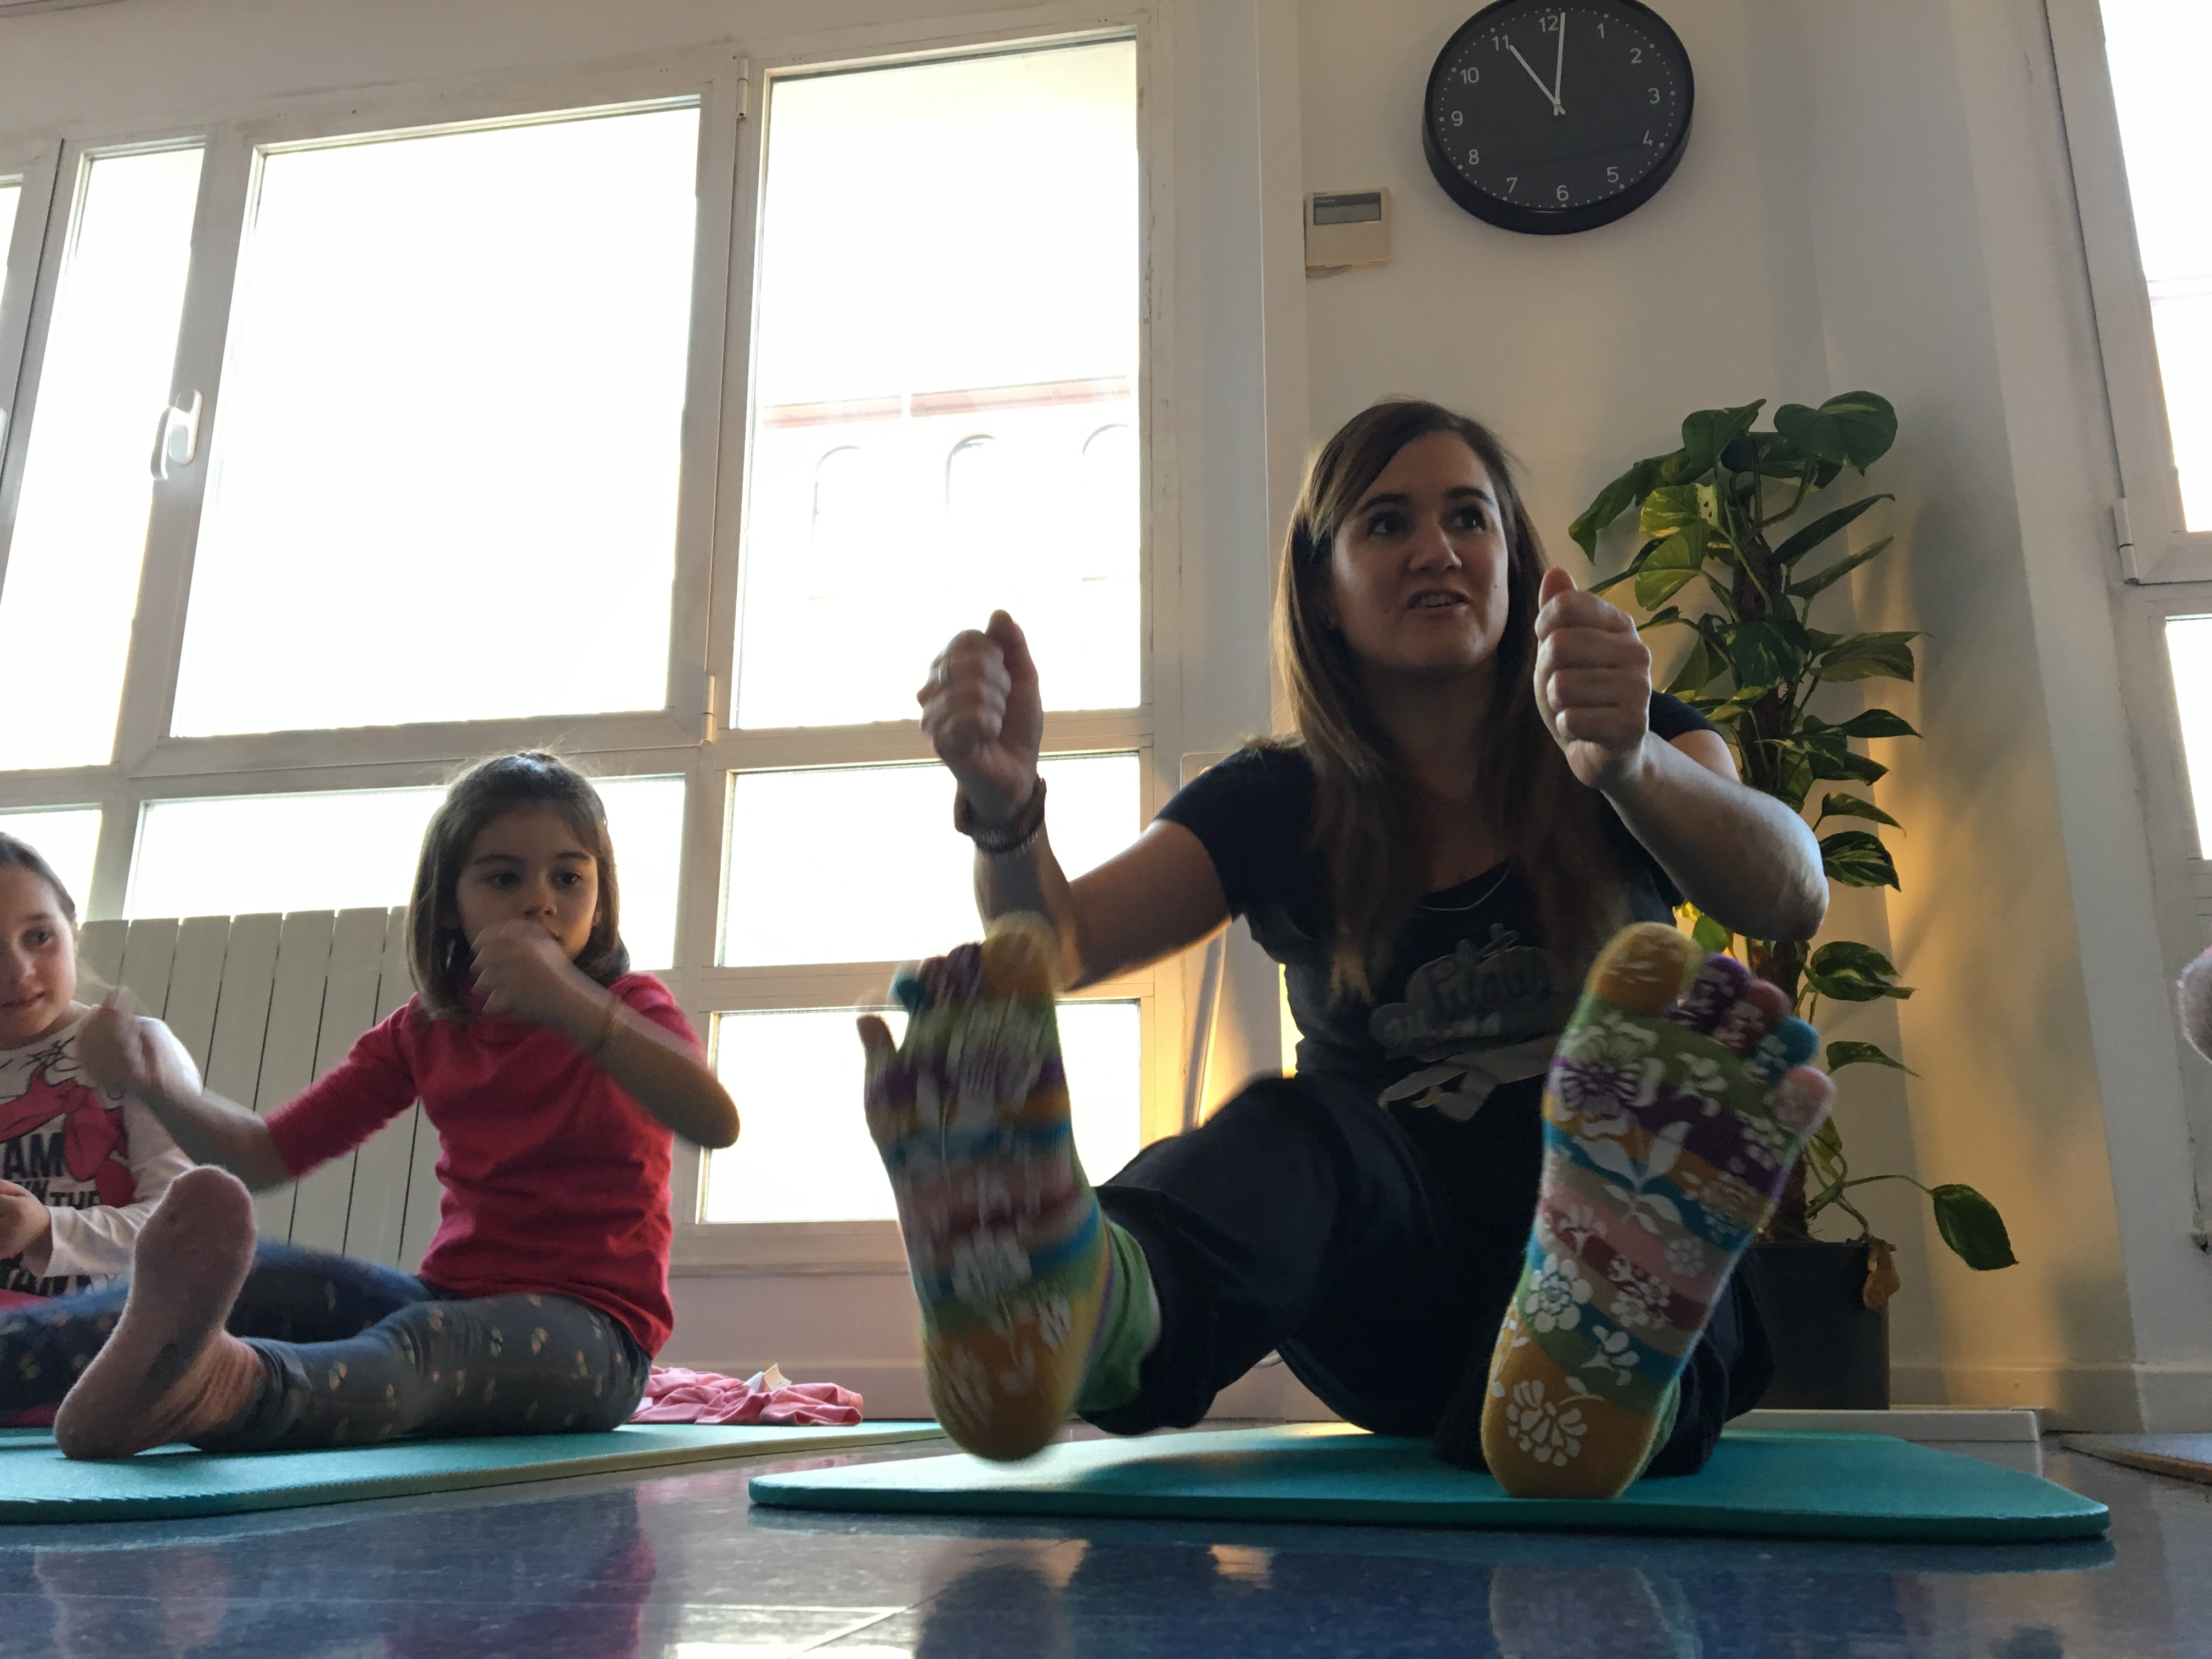 El mindfulness me acompaña en mi maternidad.